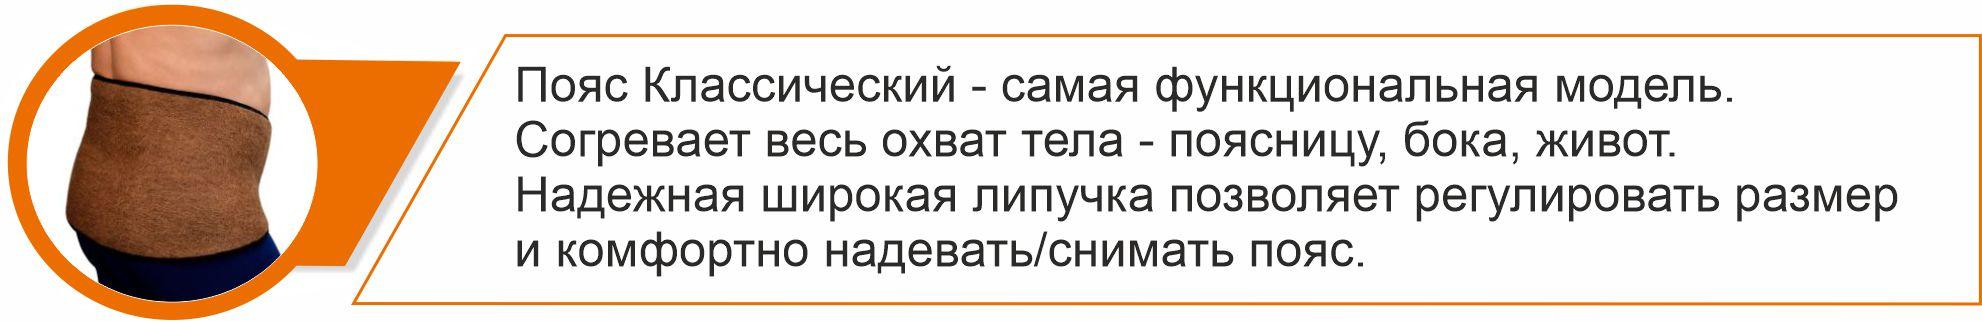 рус. ВШ пояс